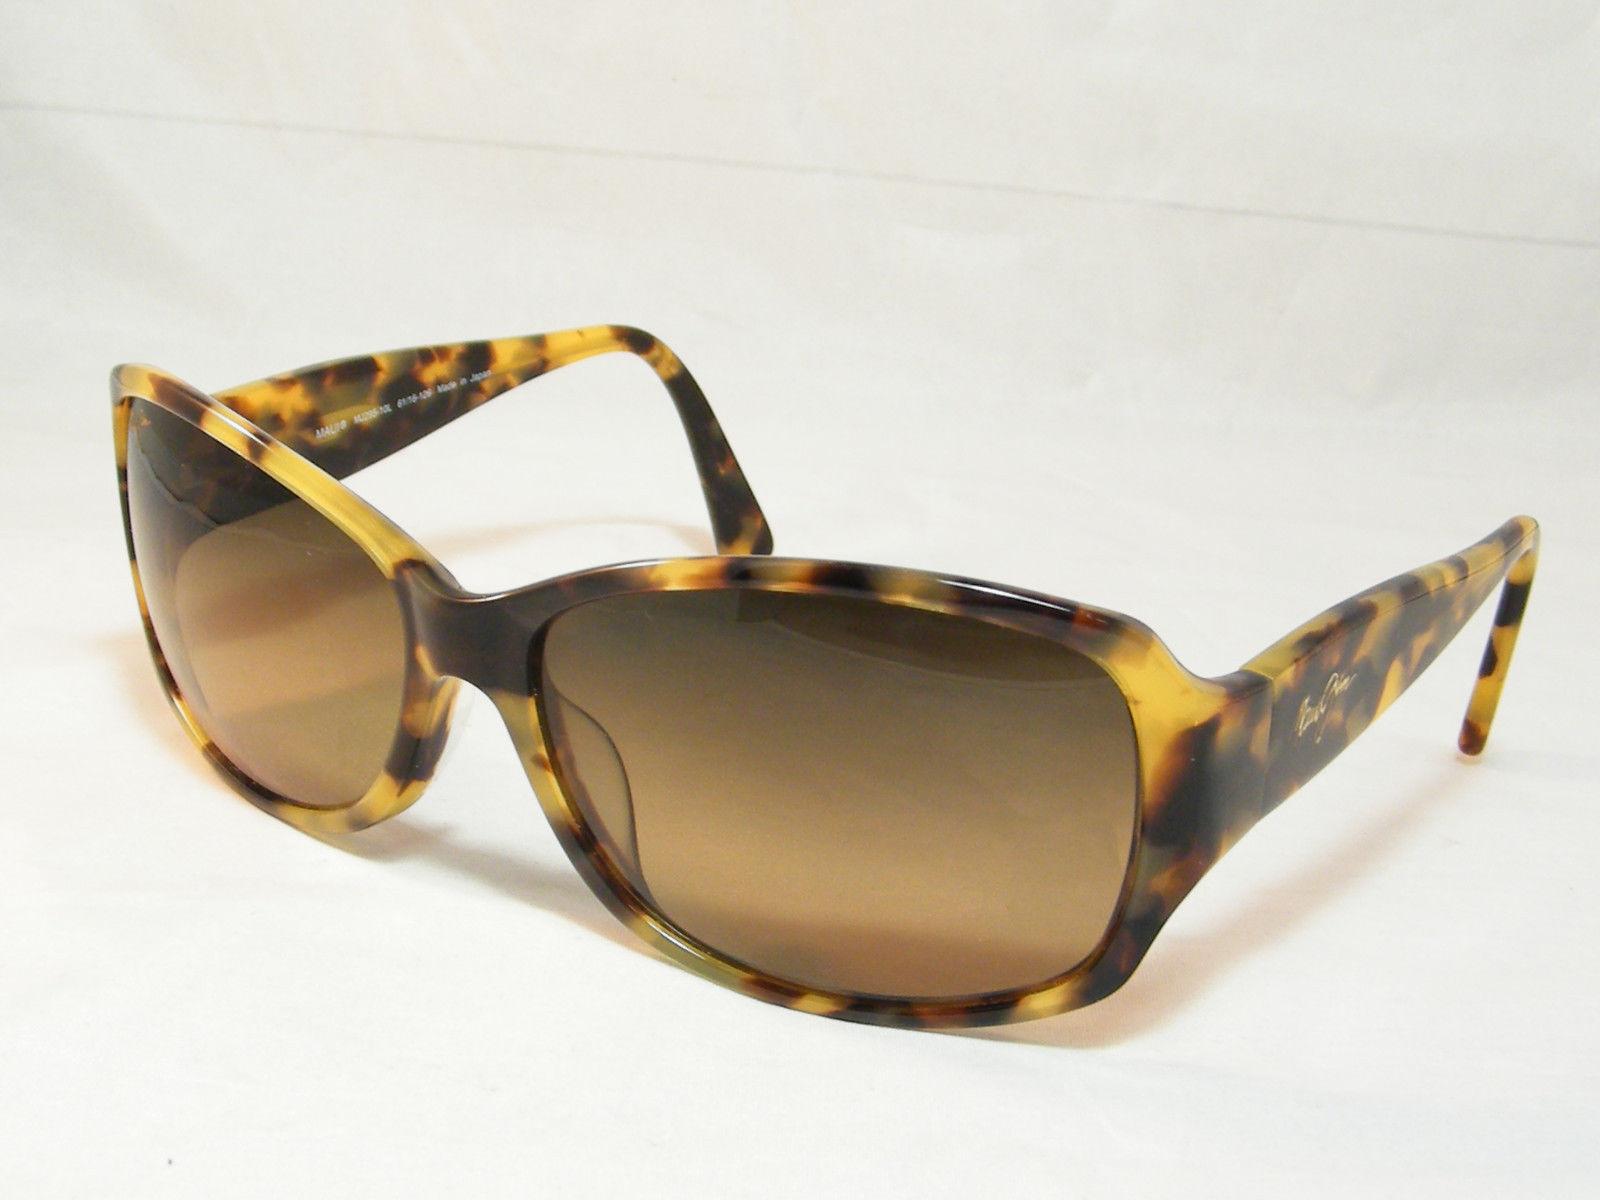 e417da3a33e5 Maui Jim NALANI 295 Sunglasses